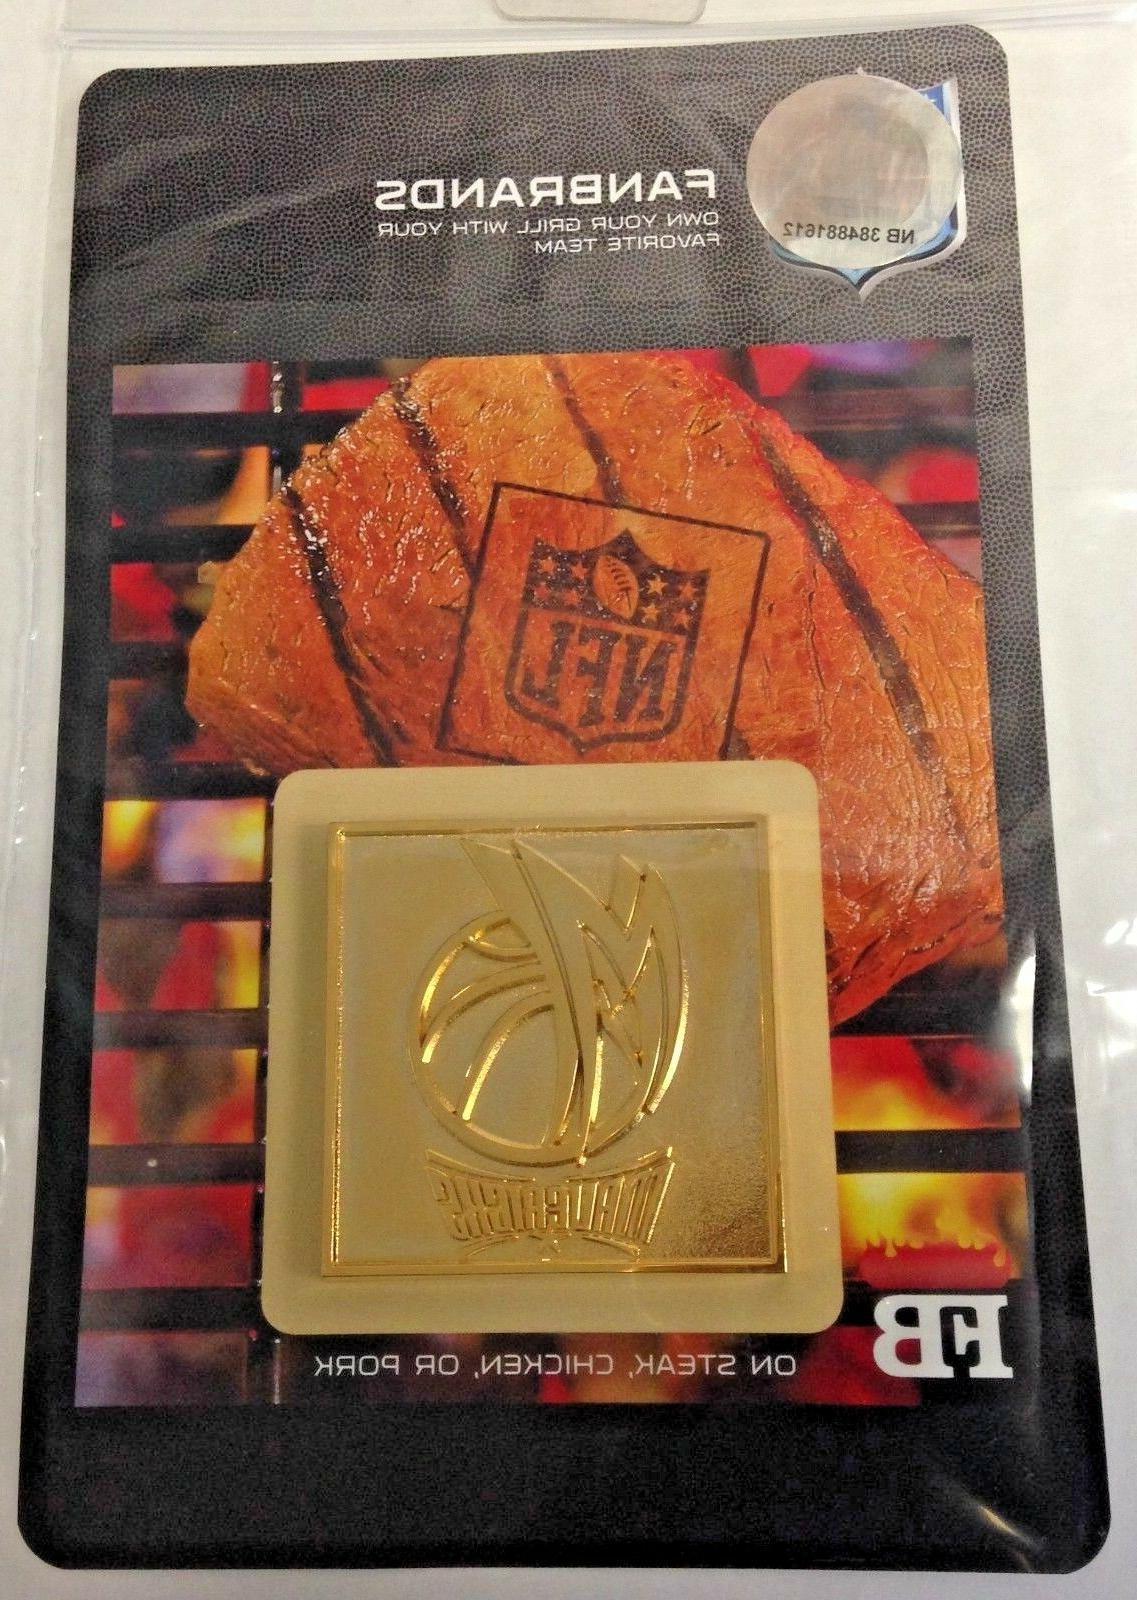 fanbrands 10157 nfl dallas mavericks team logo